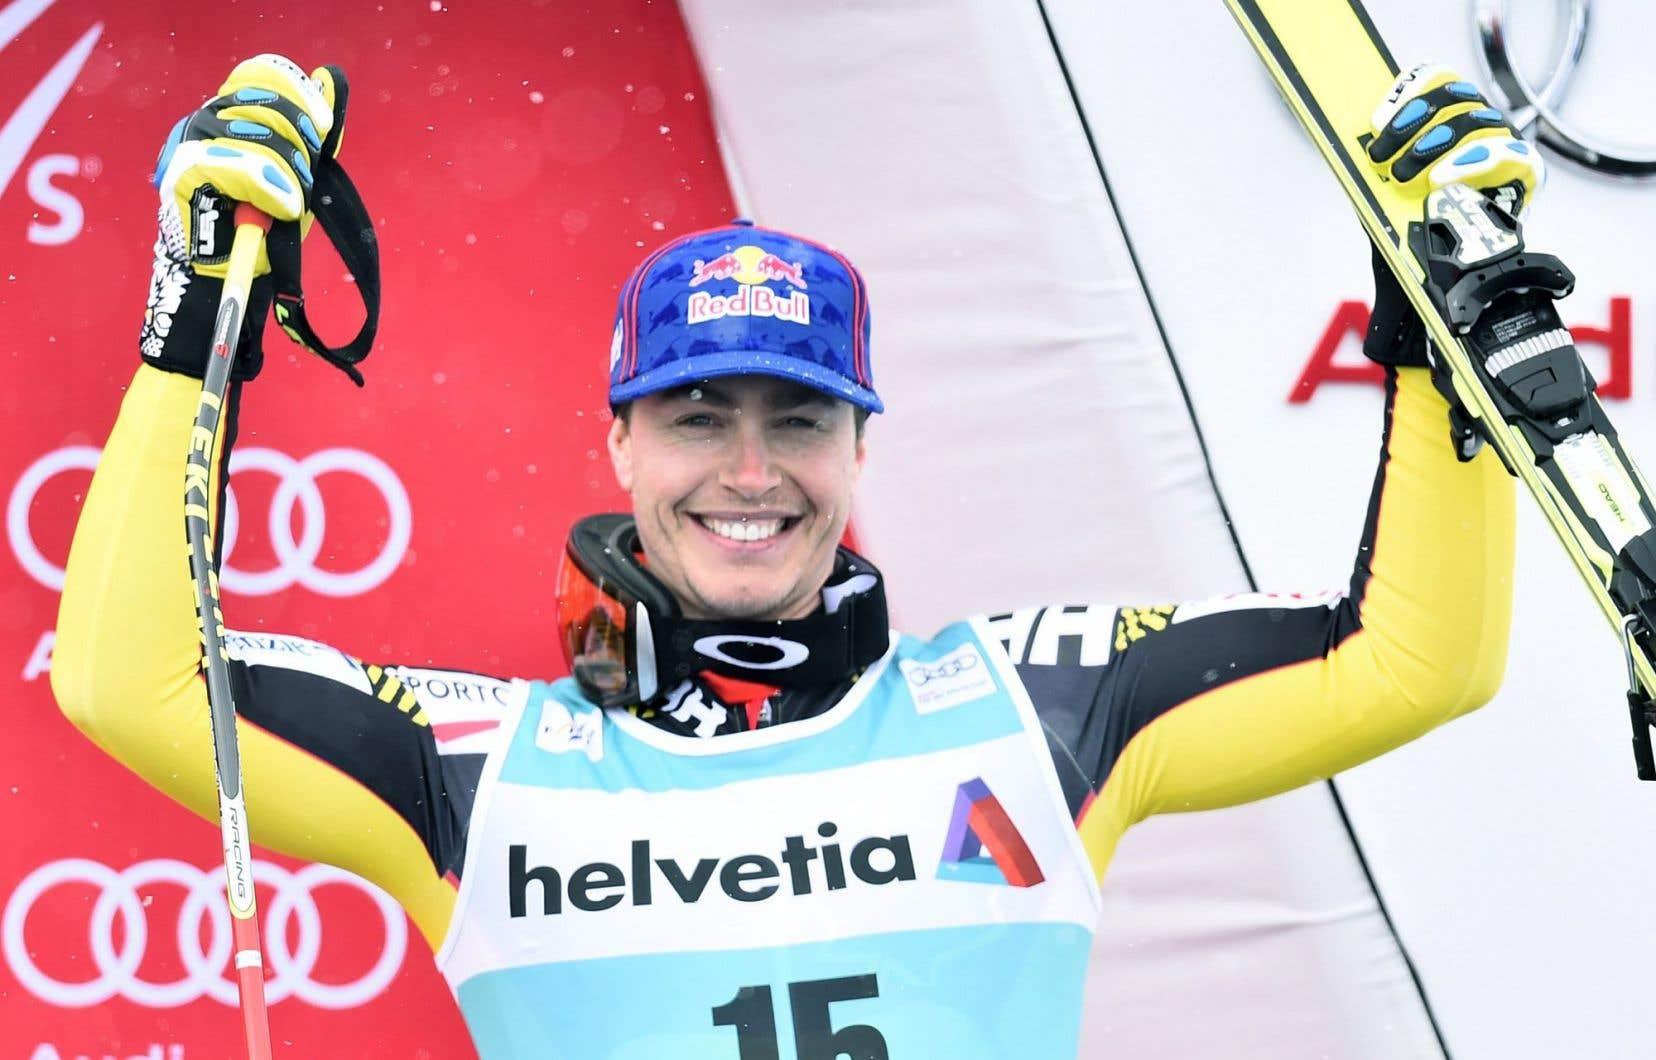 Erik Guay a terminé en 3eplace de l'épreuve de descente des finales de la Coupe du monde de ski alpin à Saint-Moritz.